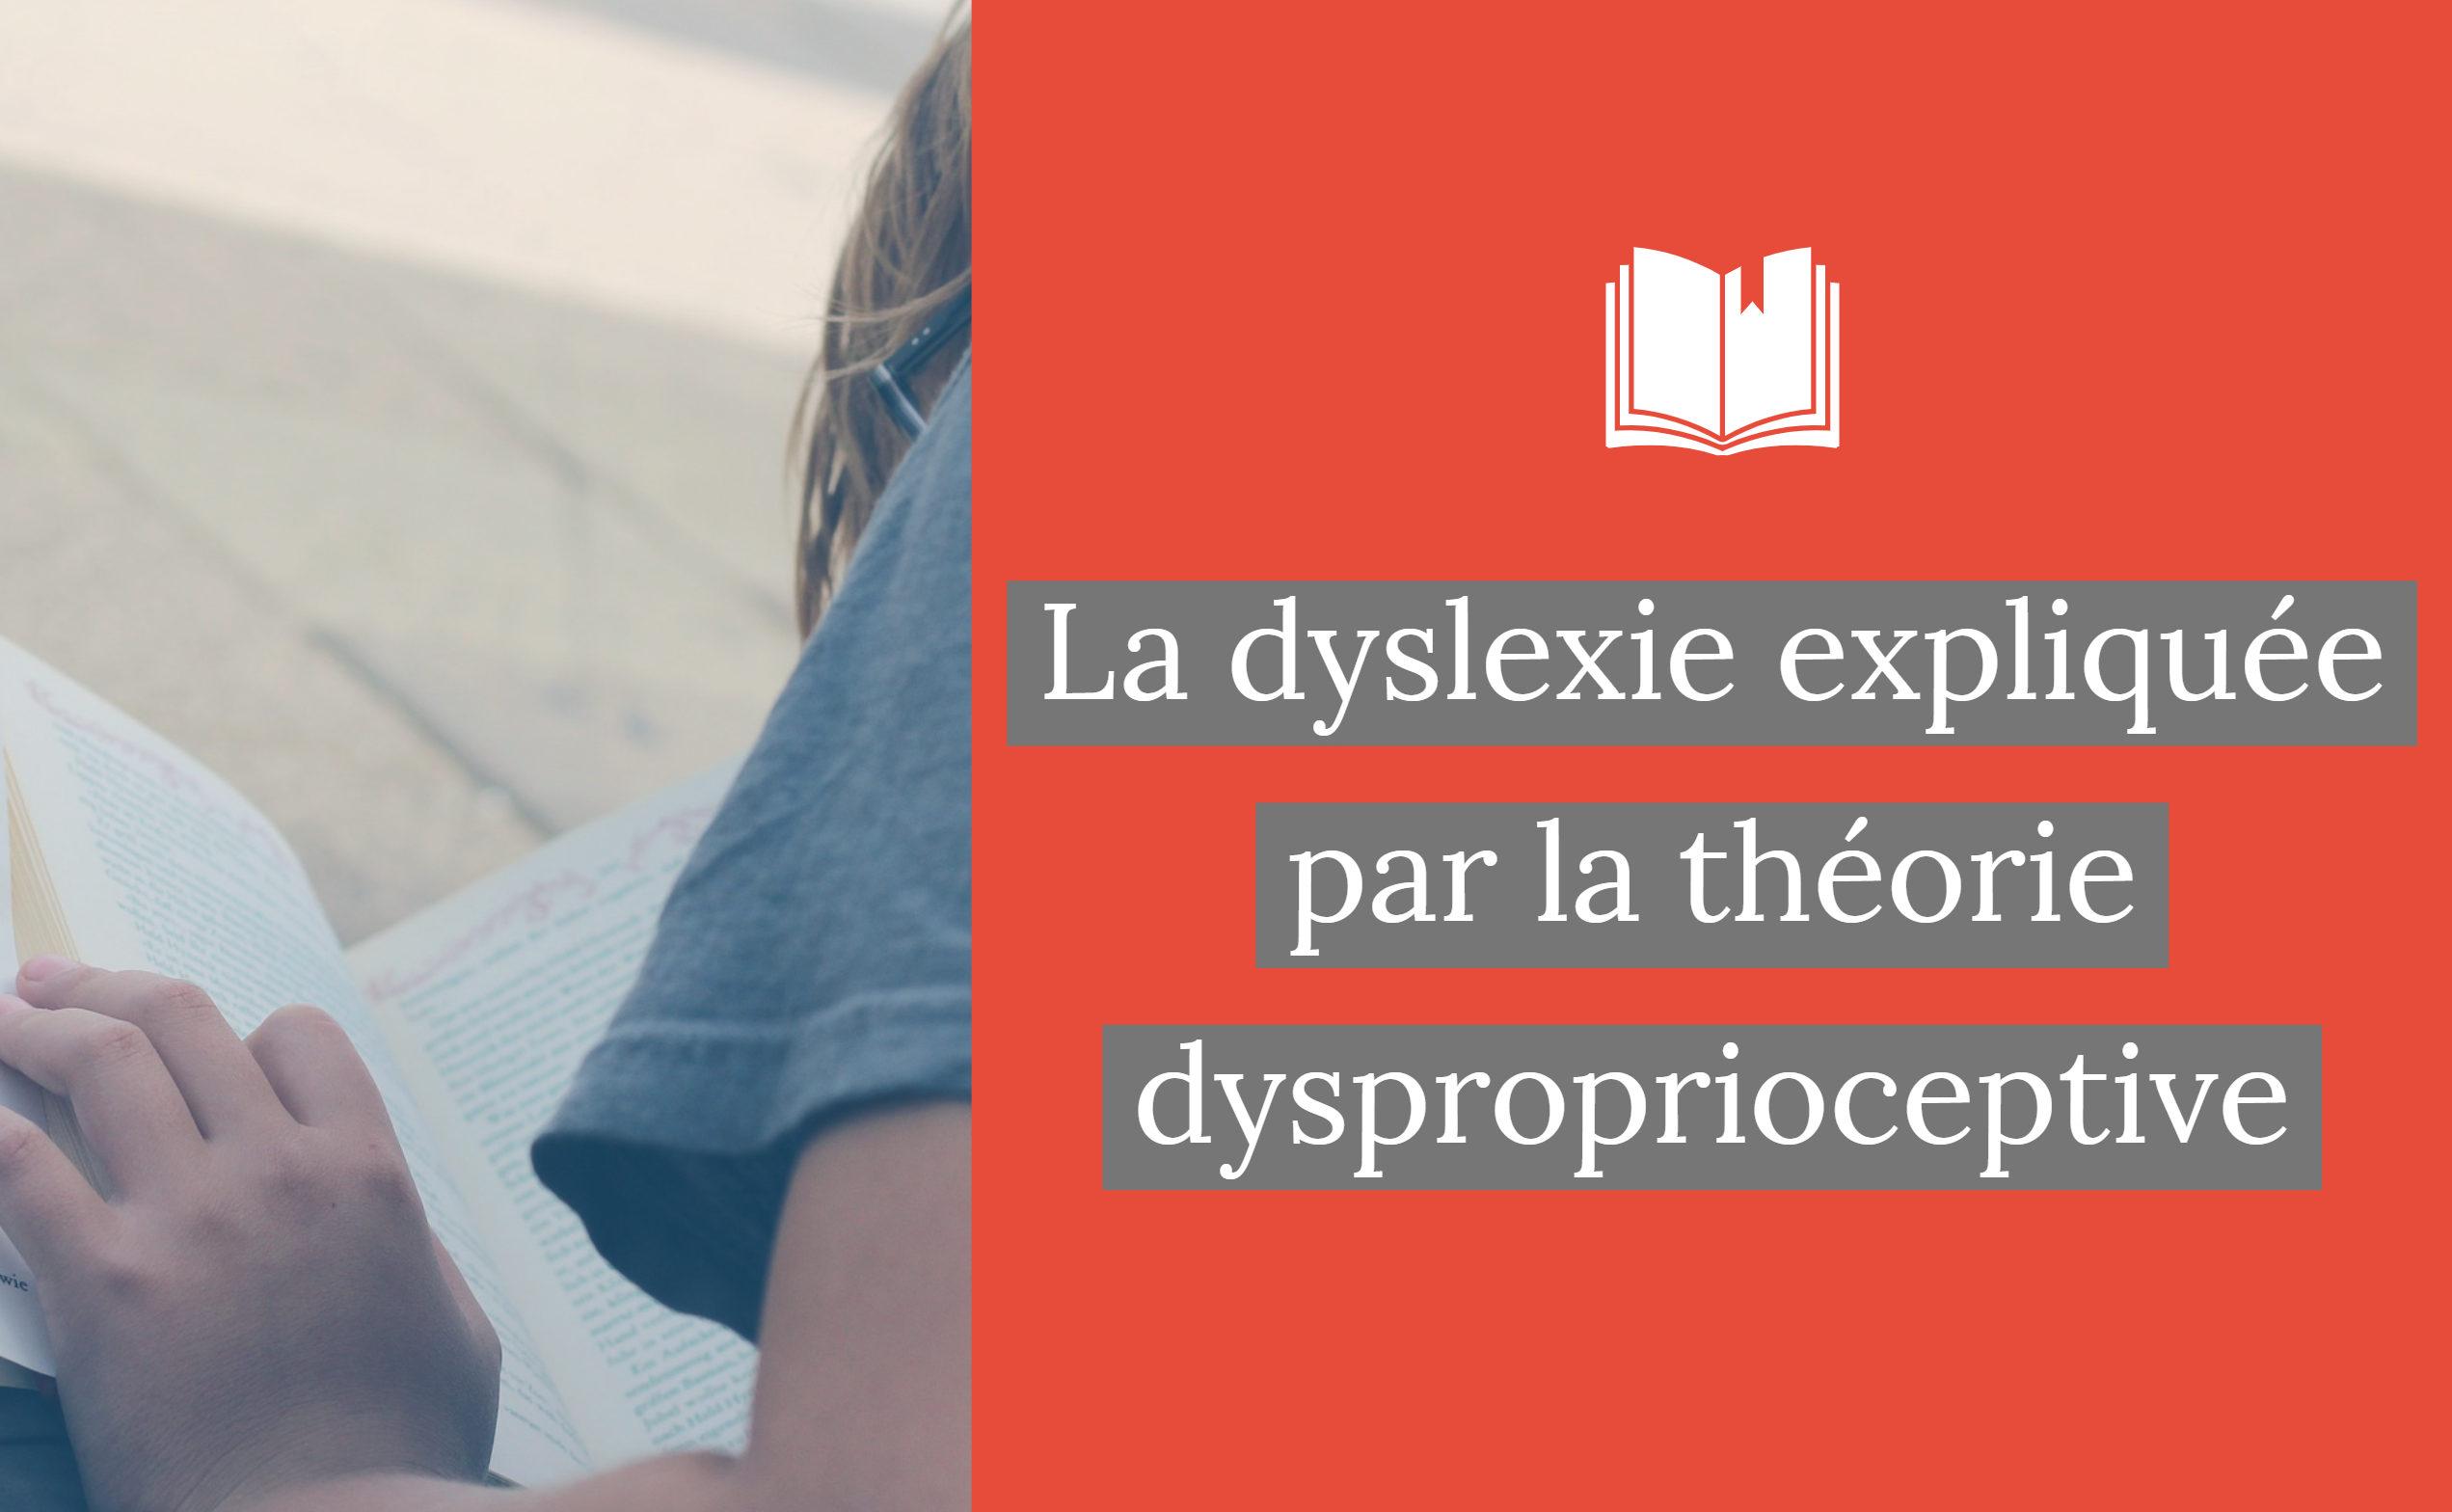 La dyslexie expliquée par la théorie dysproprioceptive